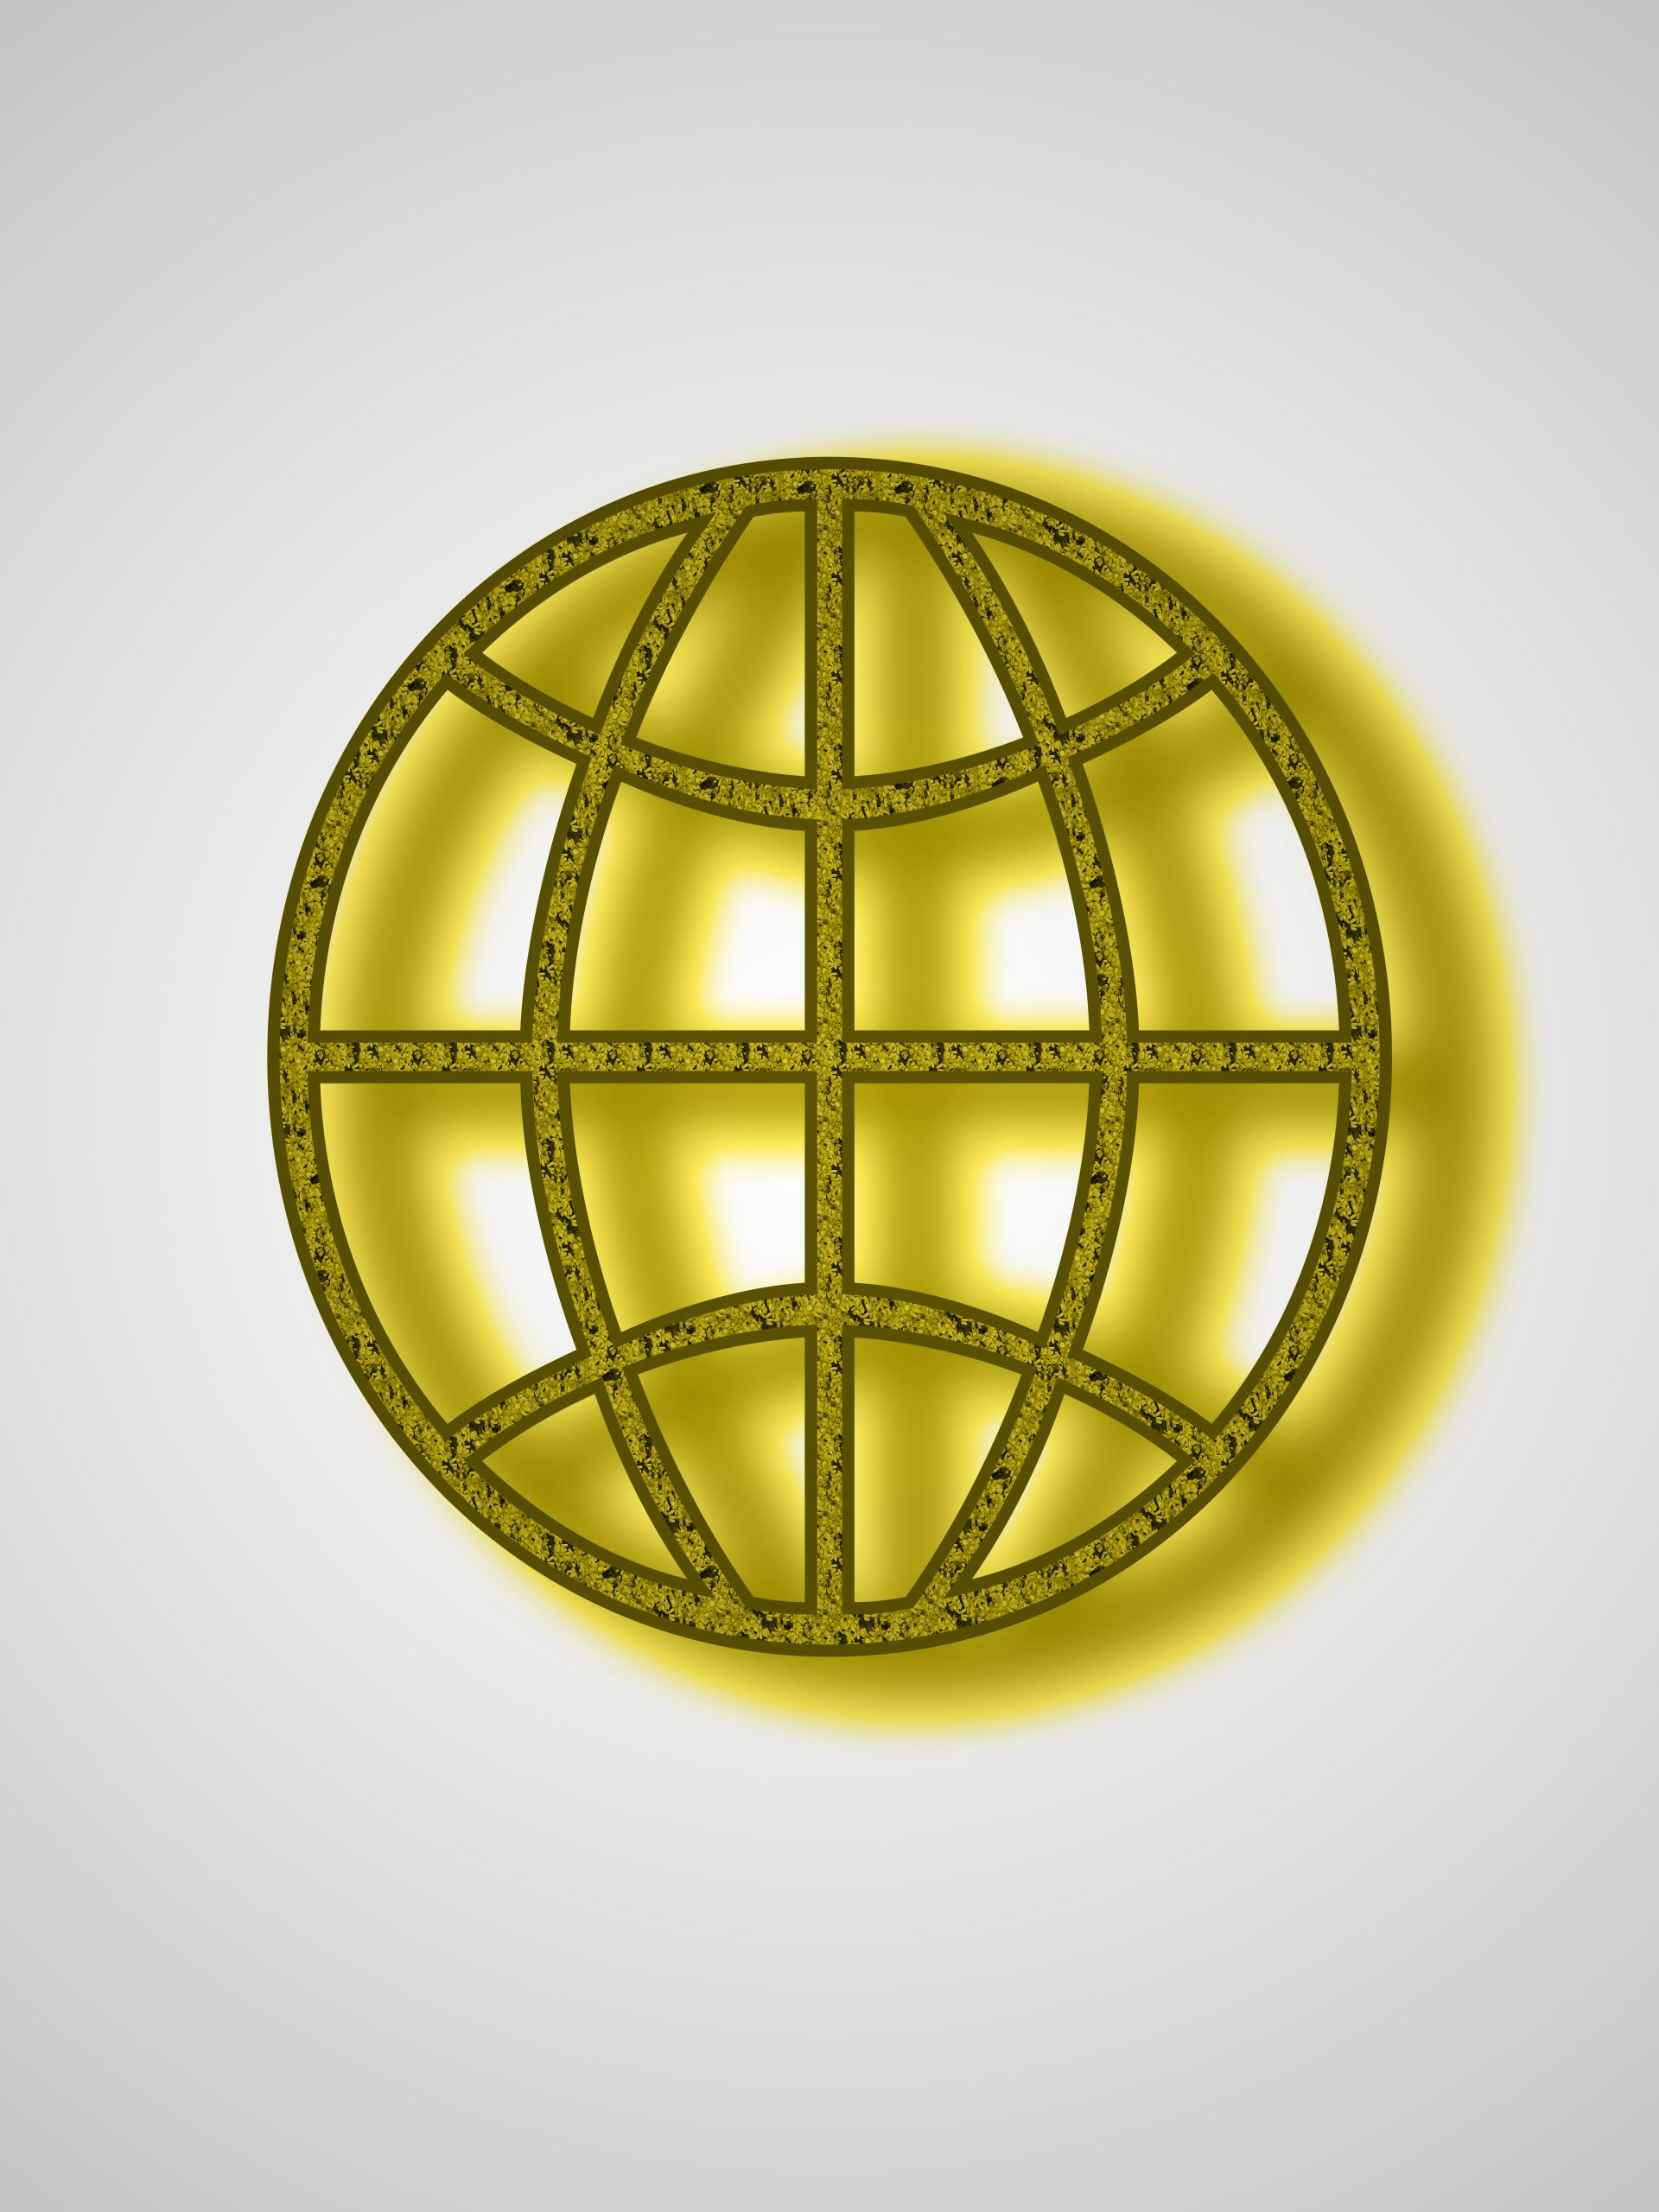 A circular design